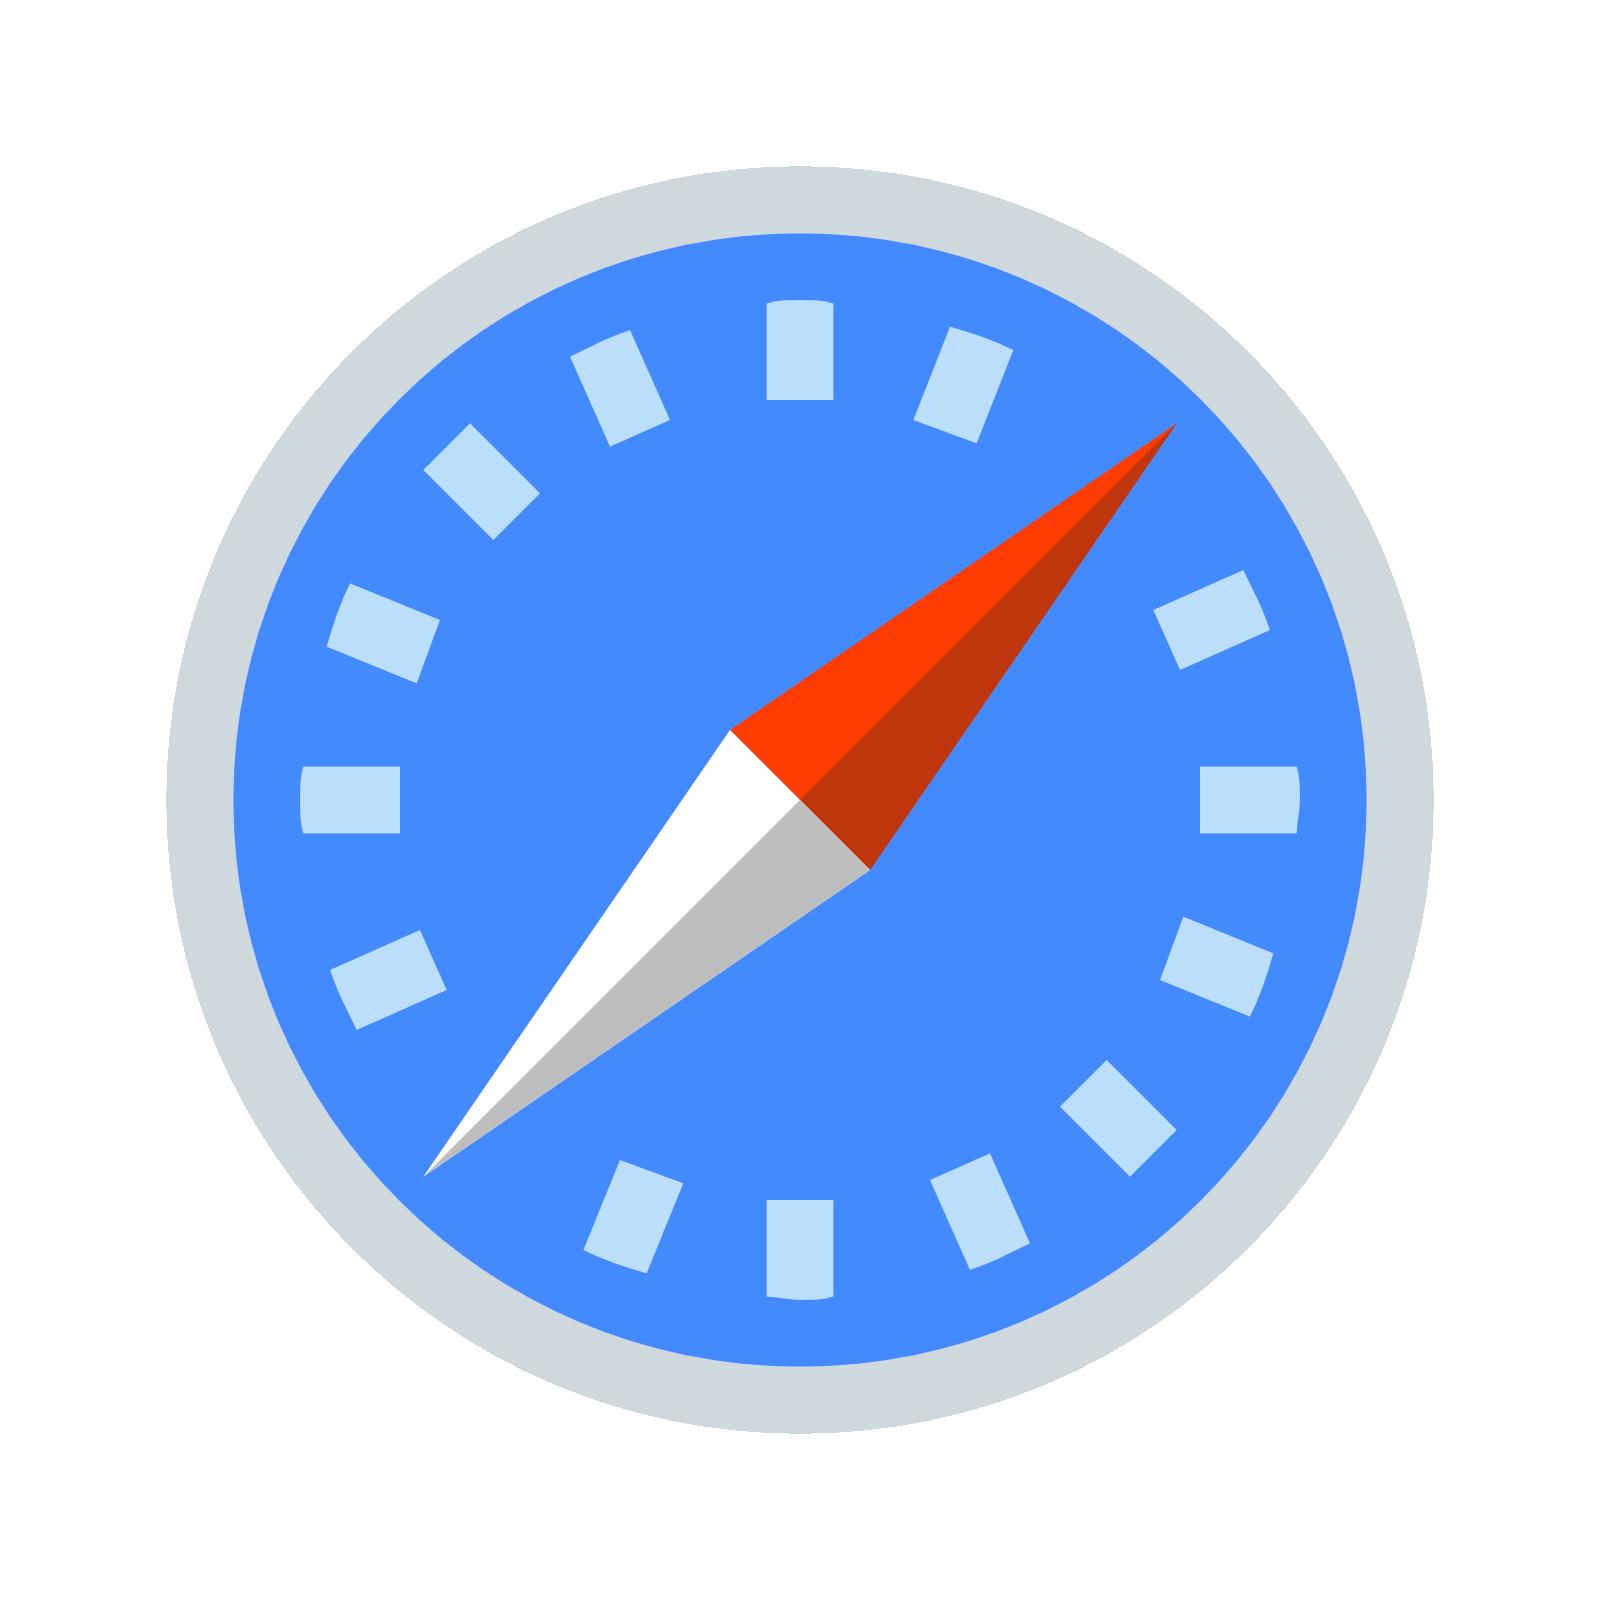 Safari logo PNG images free download.